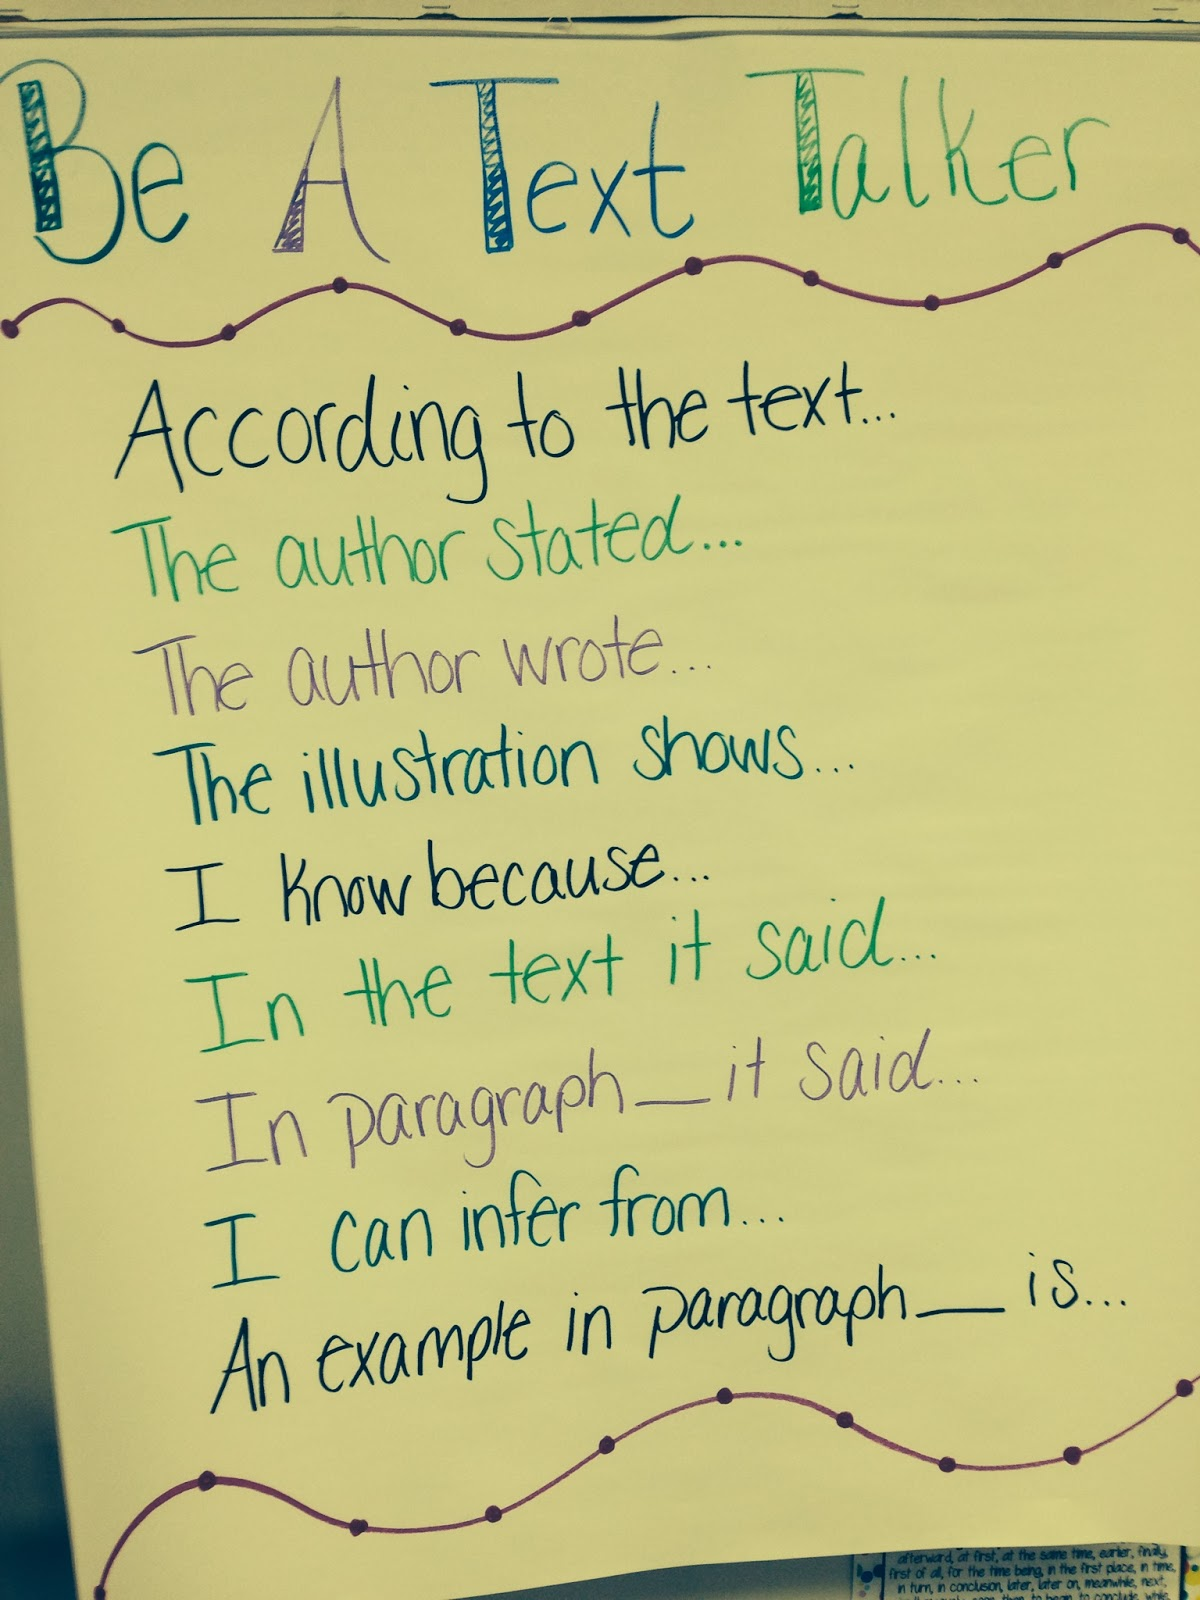 Trendy Tales of a Teacher: Be a Text Talker Anchor Chart